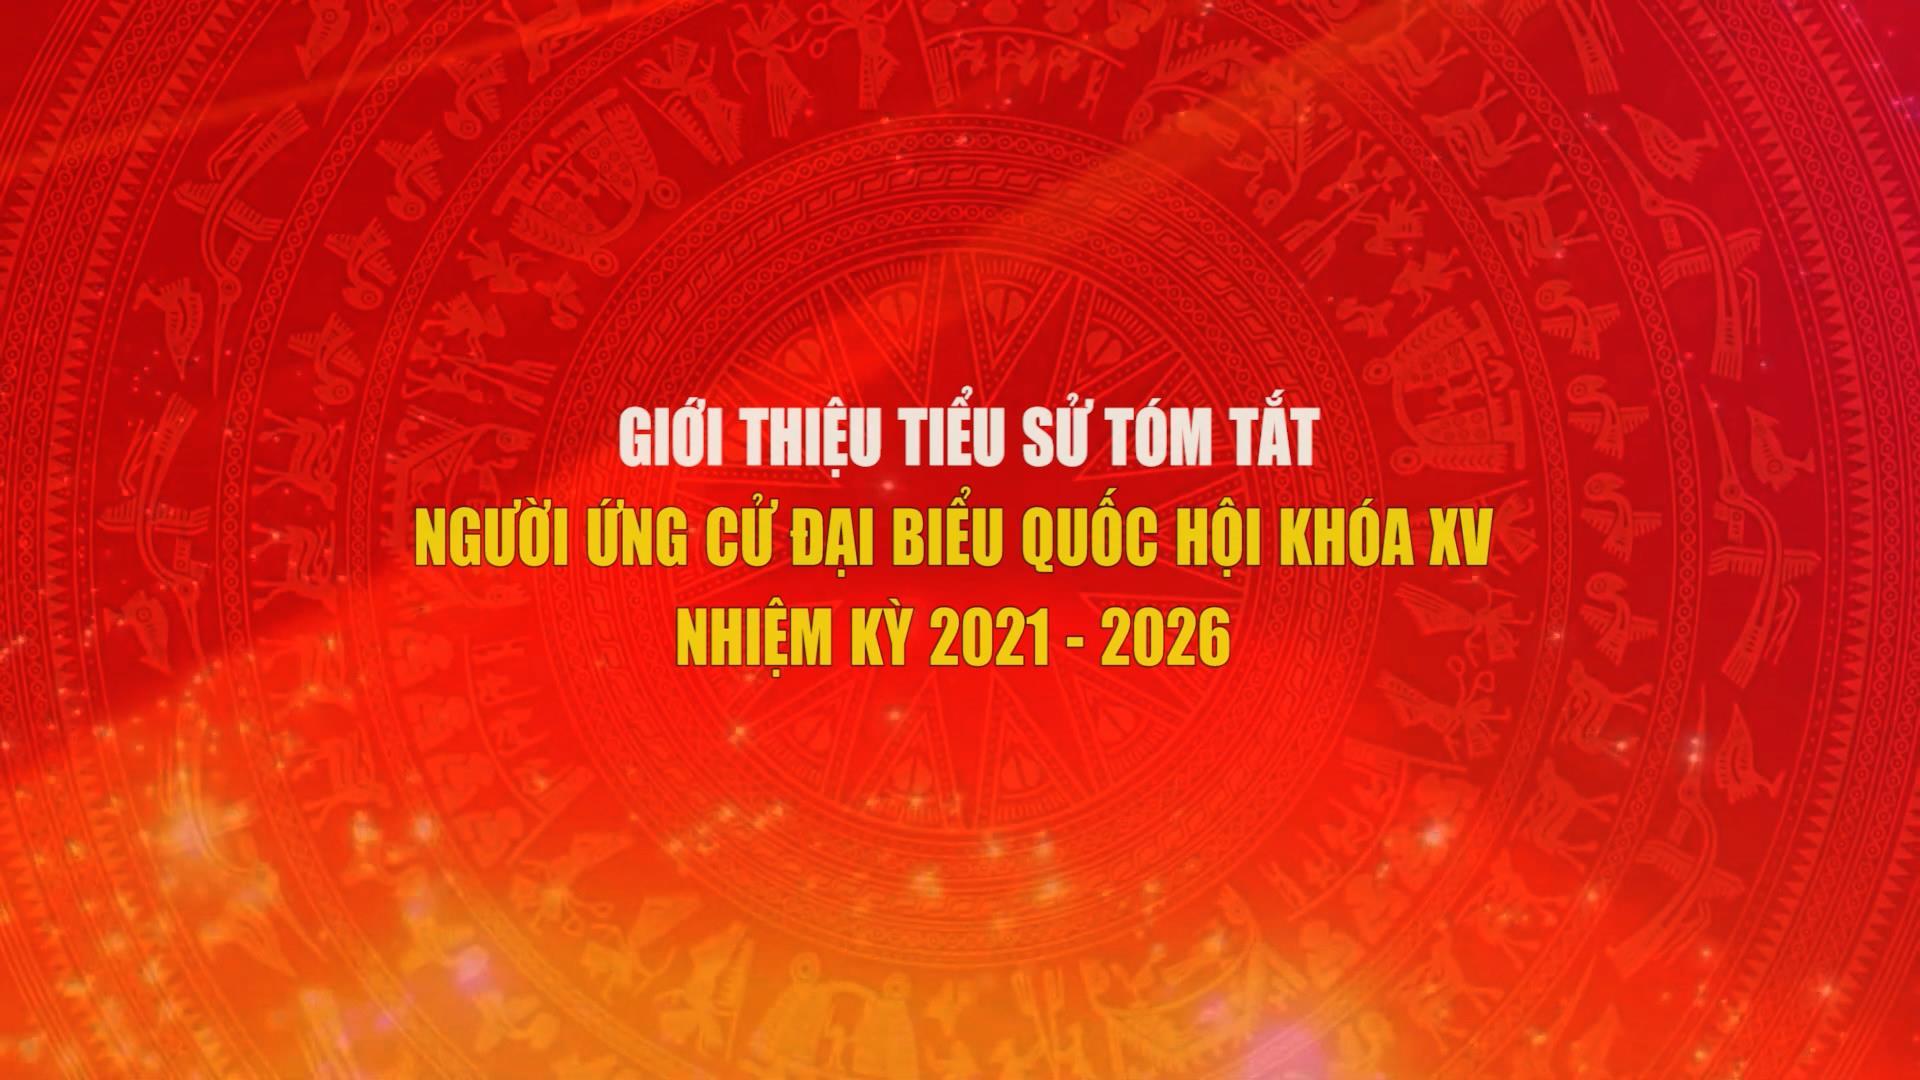 Giới thiệu tiểu sử tóm tắt người ứng cử Đại biểu Quốc hội khóa XV, nhiệm kỳ 2021 - 2026